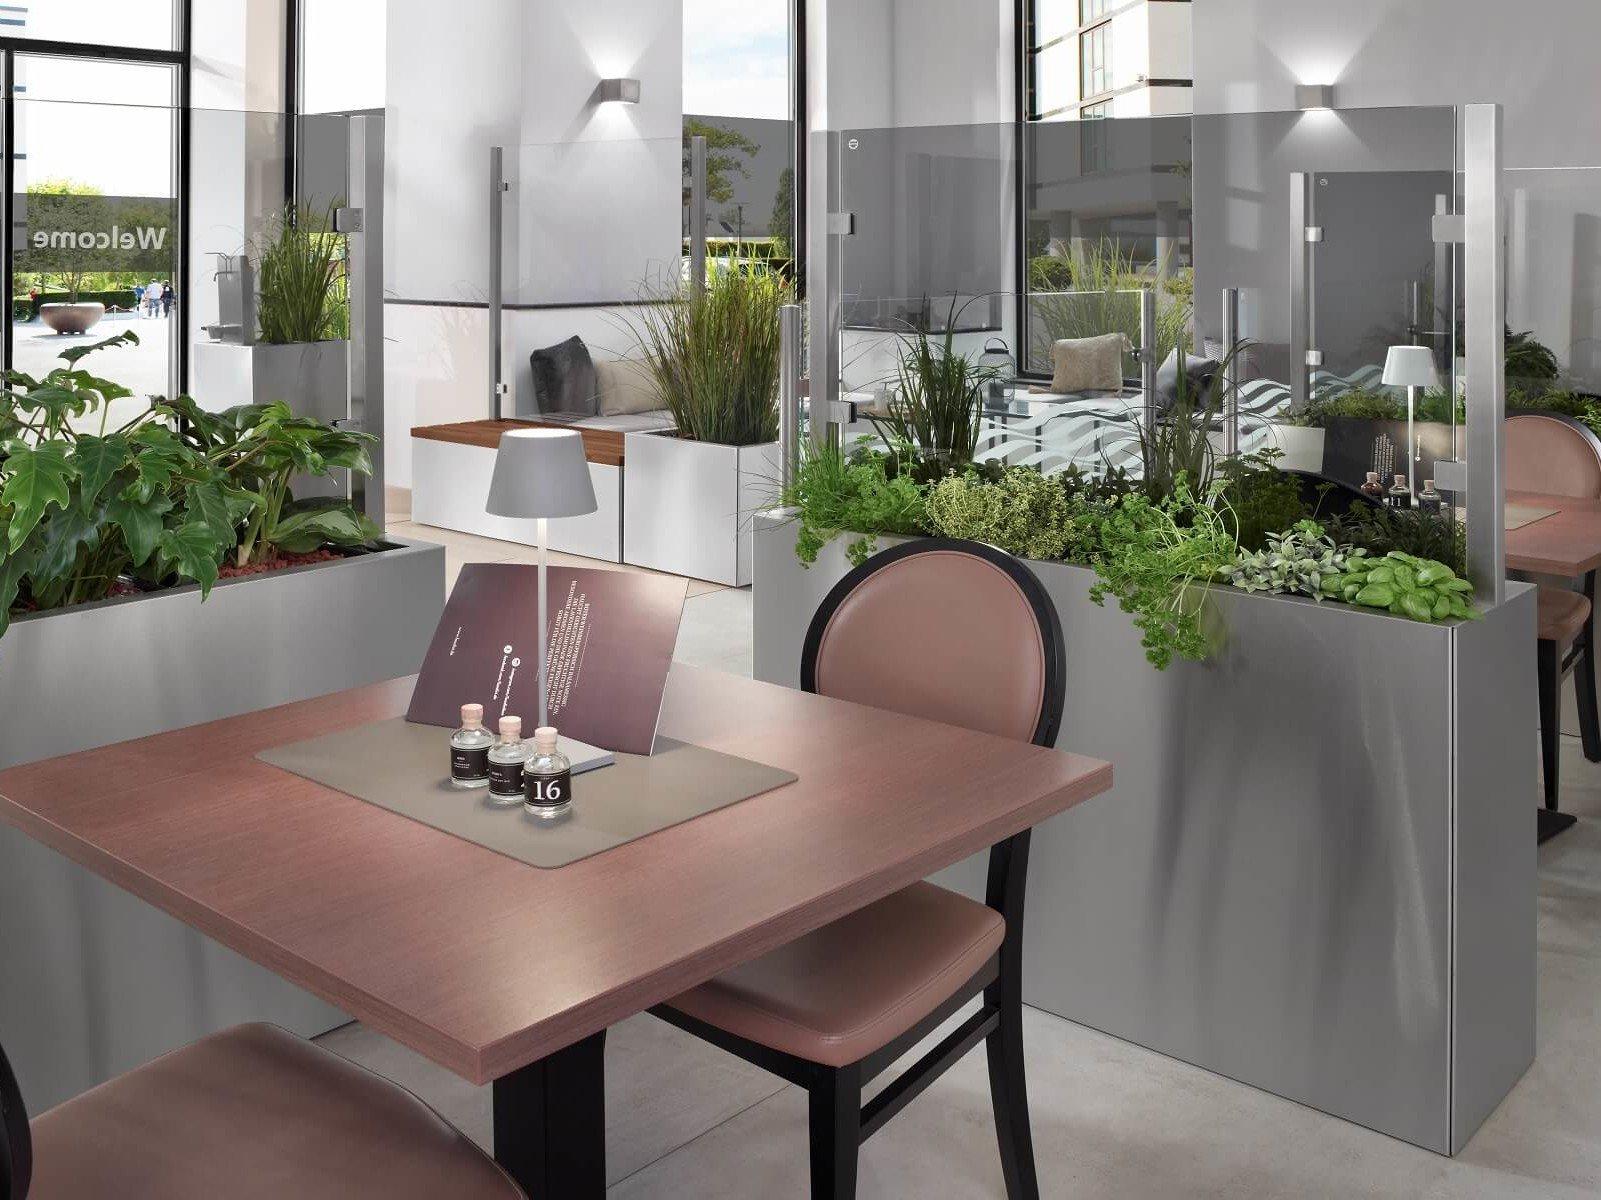 Glastrennwand als Raumtrenner zwischen zwei Plätzen im Restaurant